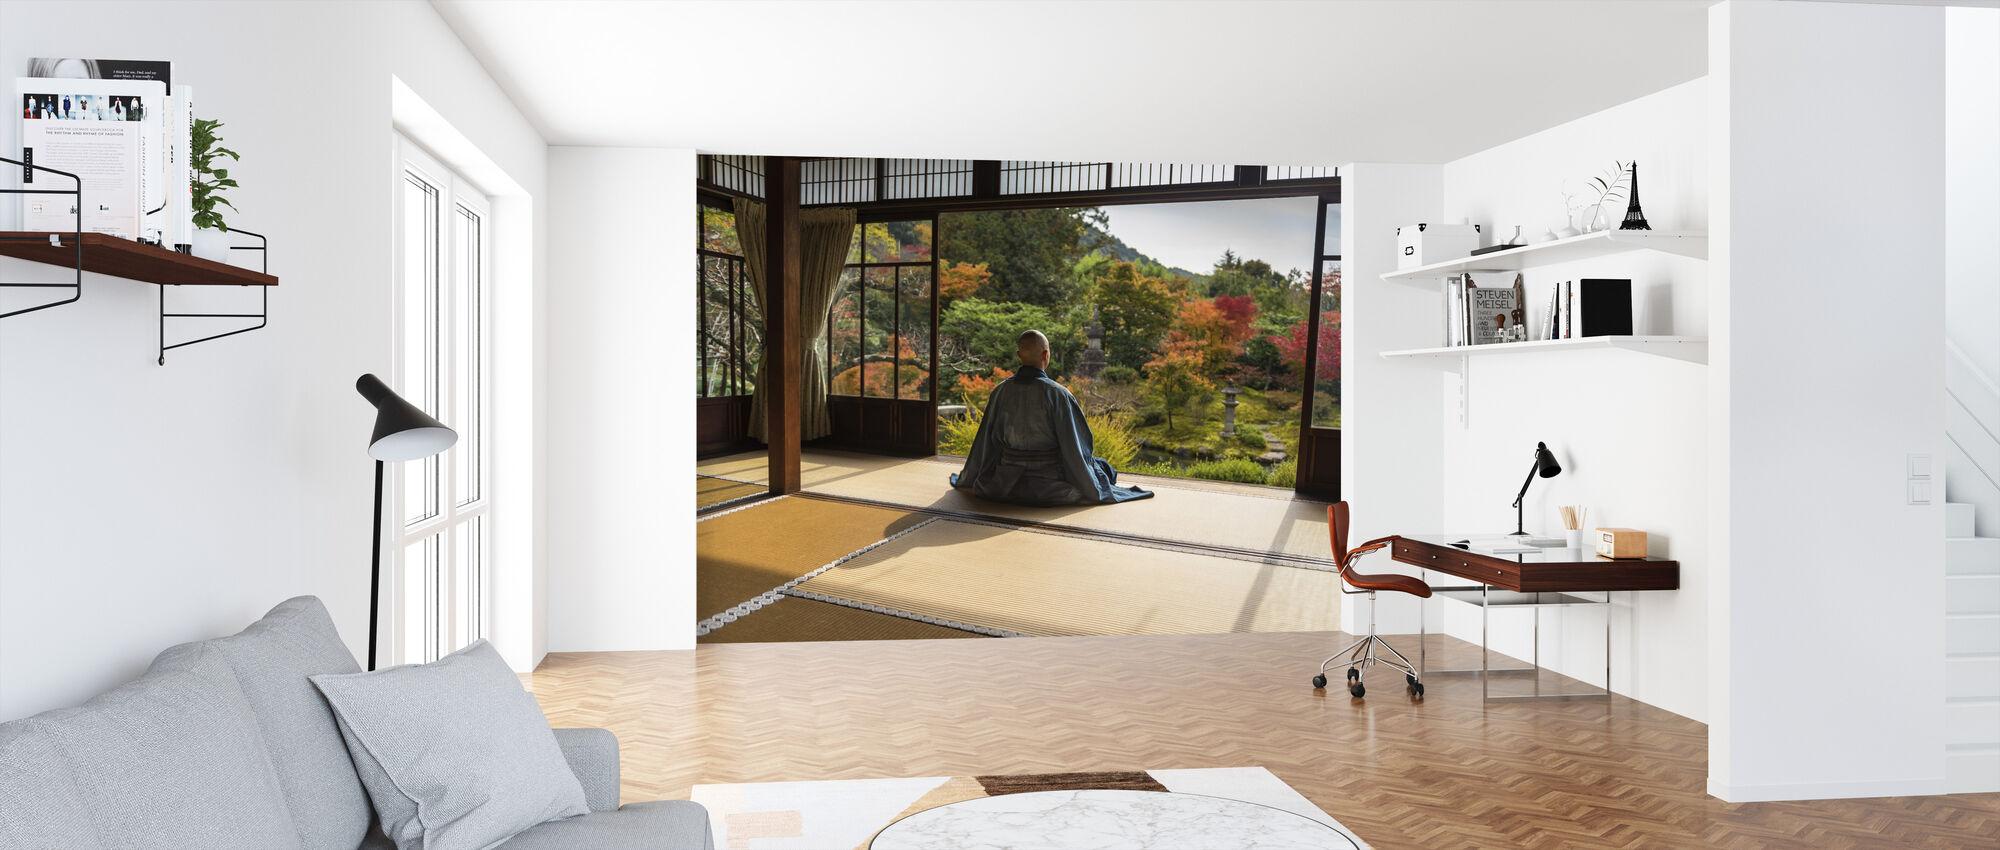 Meditation - Wallpaper - Office